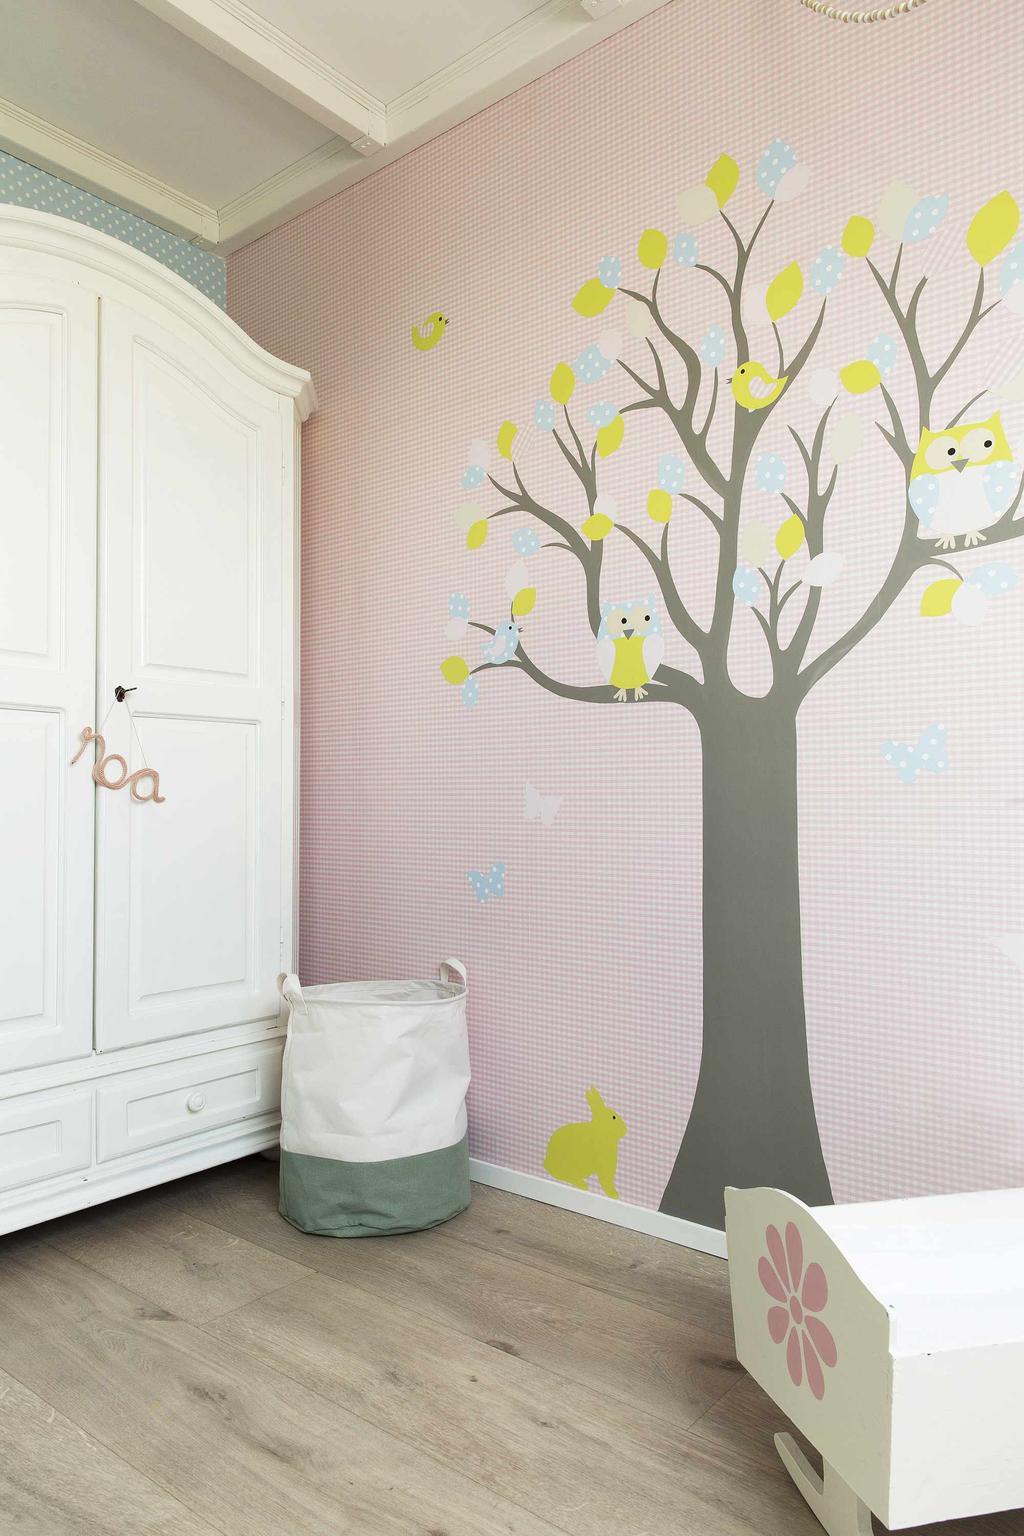 Meisjeskamer met roze muur met boom